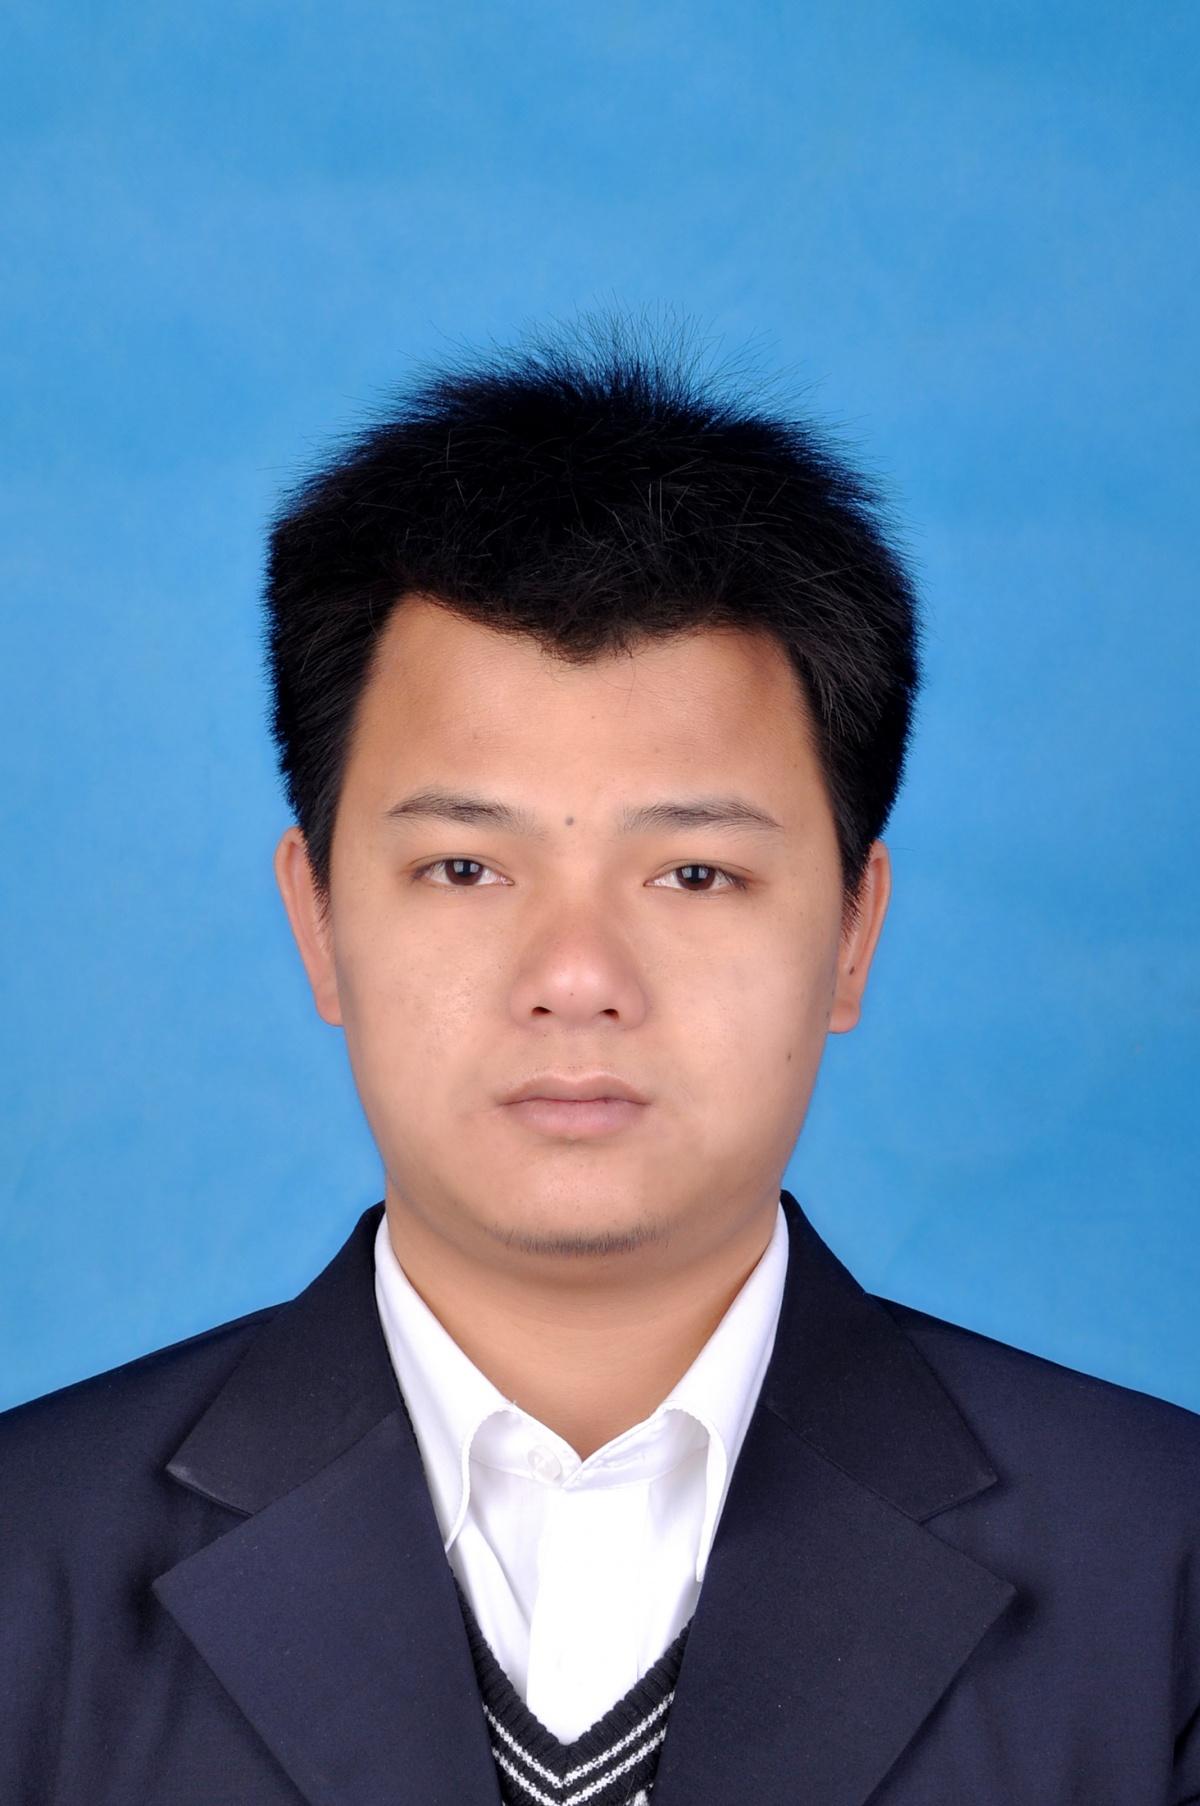 广西宾阳大桥镇-宾阳县领导干部任职前公示